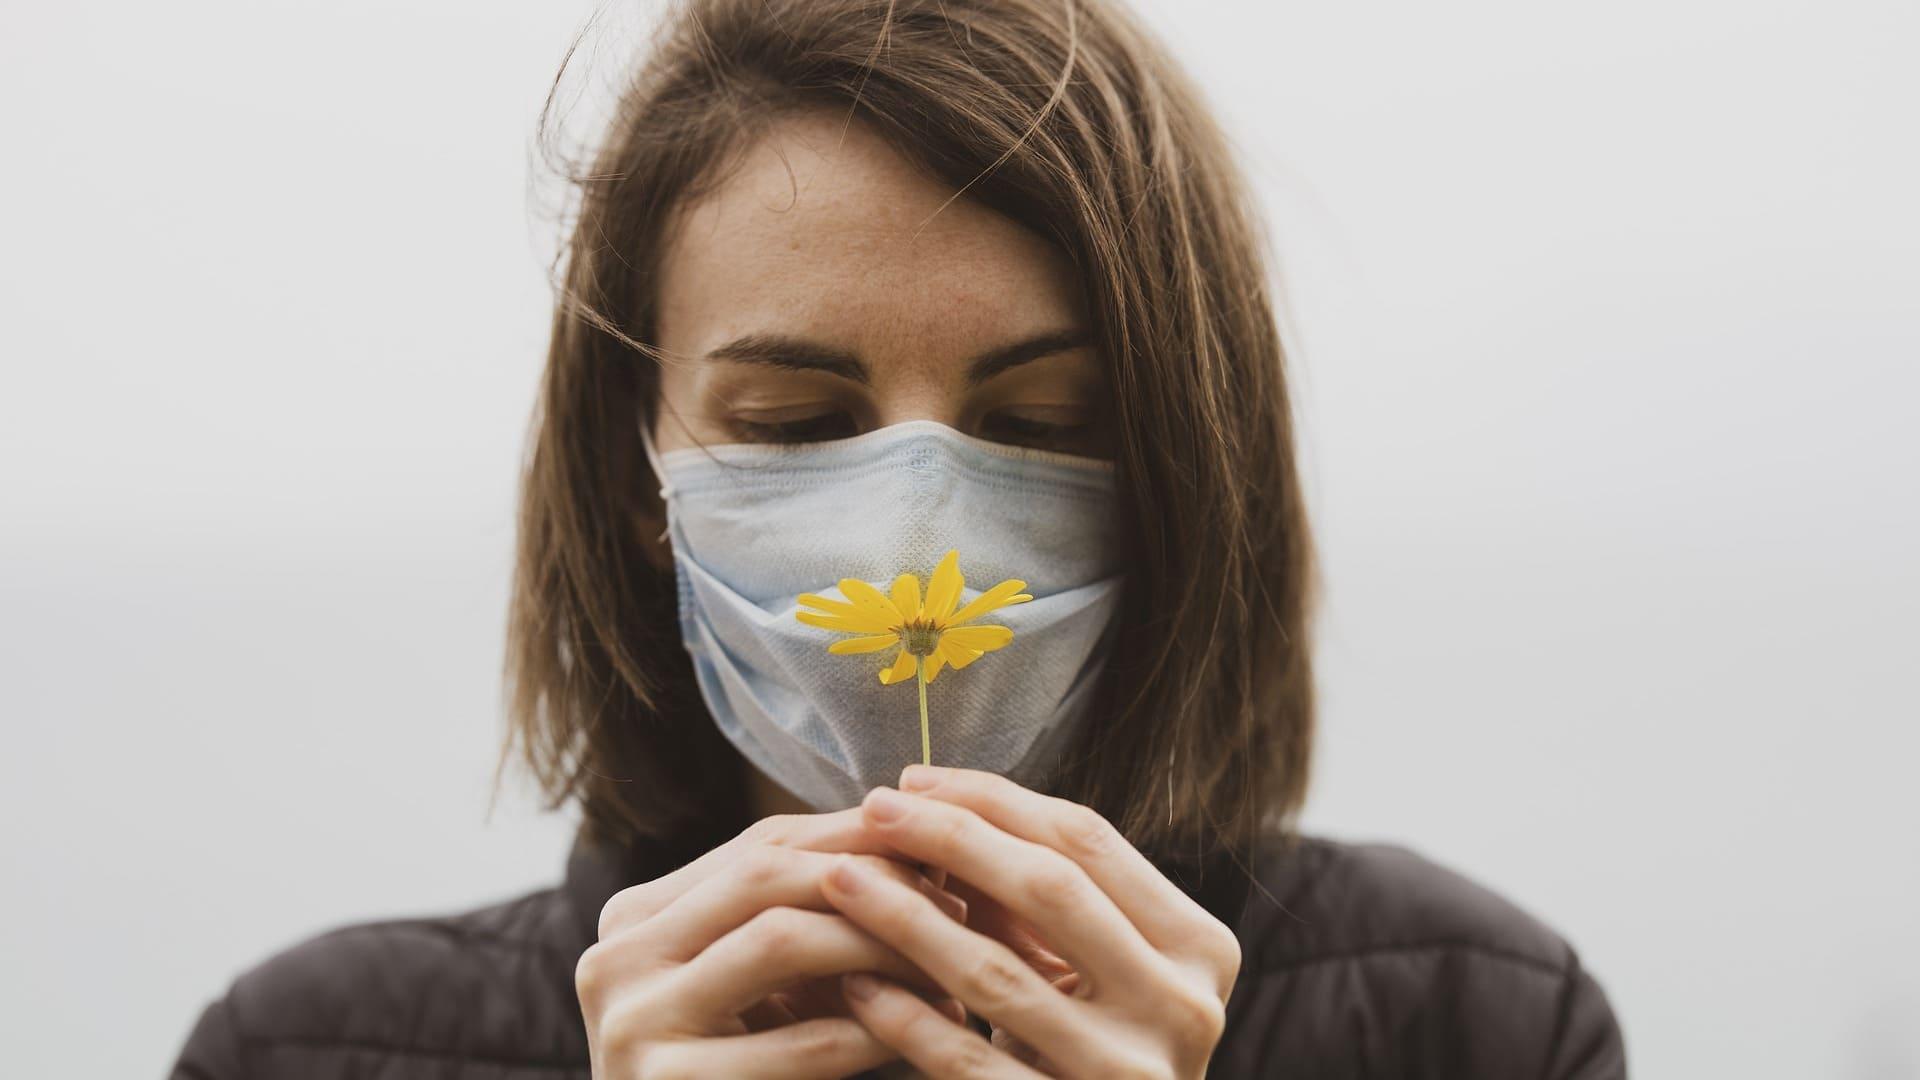 Covid-19: Wie kann man seinen Geruchssinn wiedererlangen?